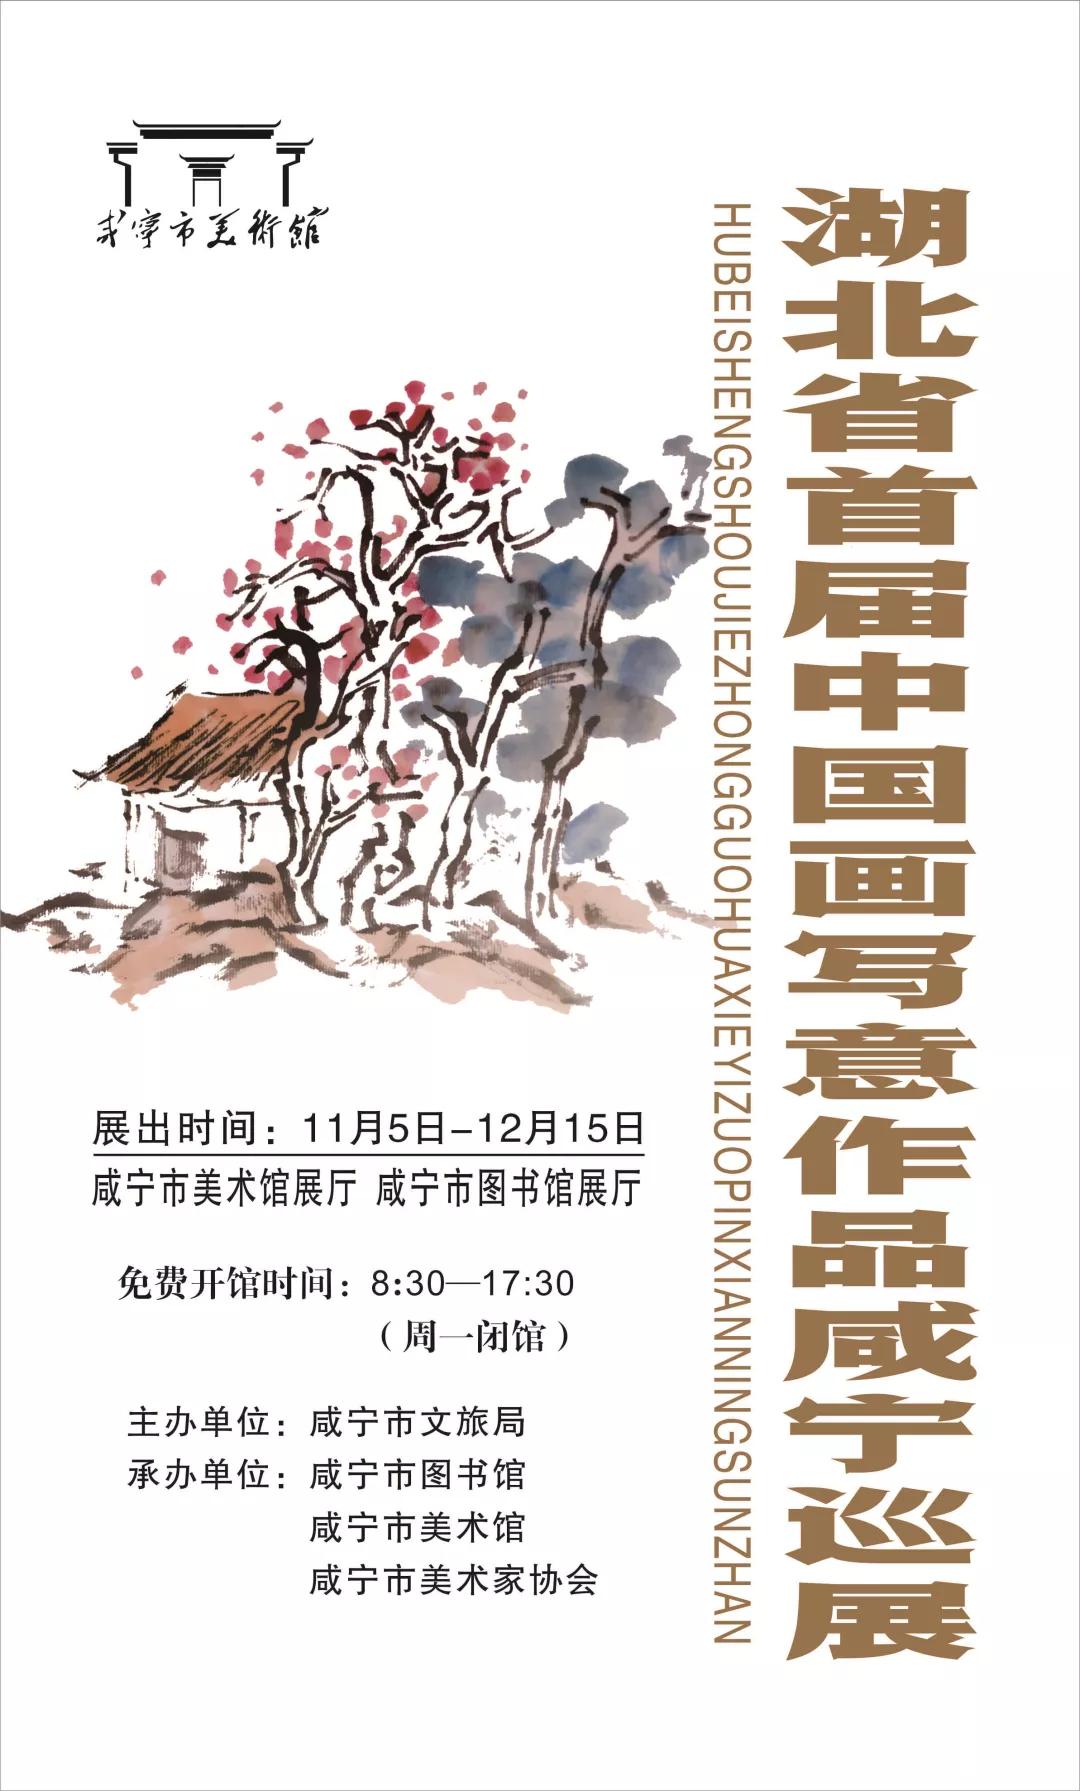 金秋十月,咸宁有景区优惠,有文化大餐,给你不容错过的精彩